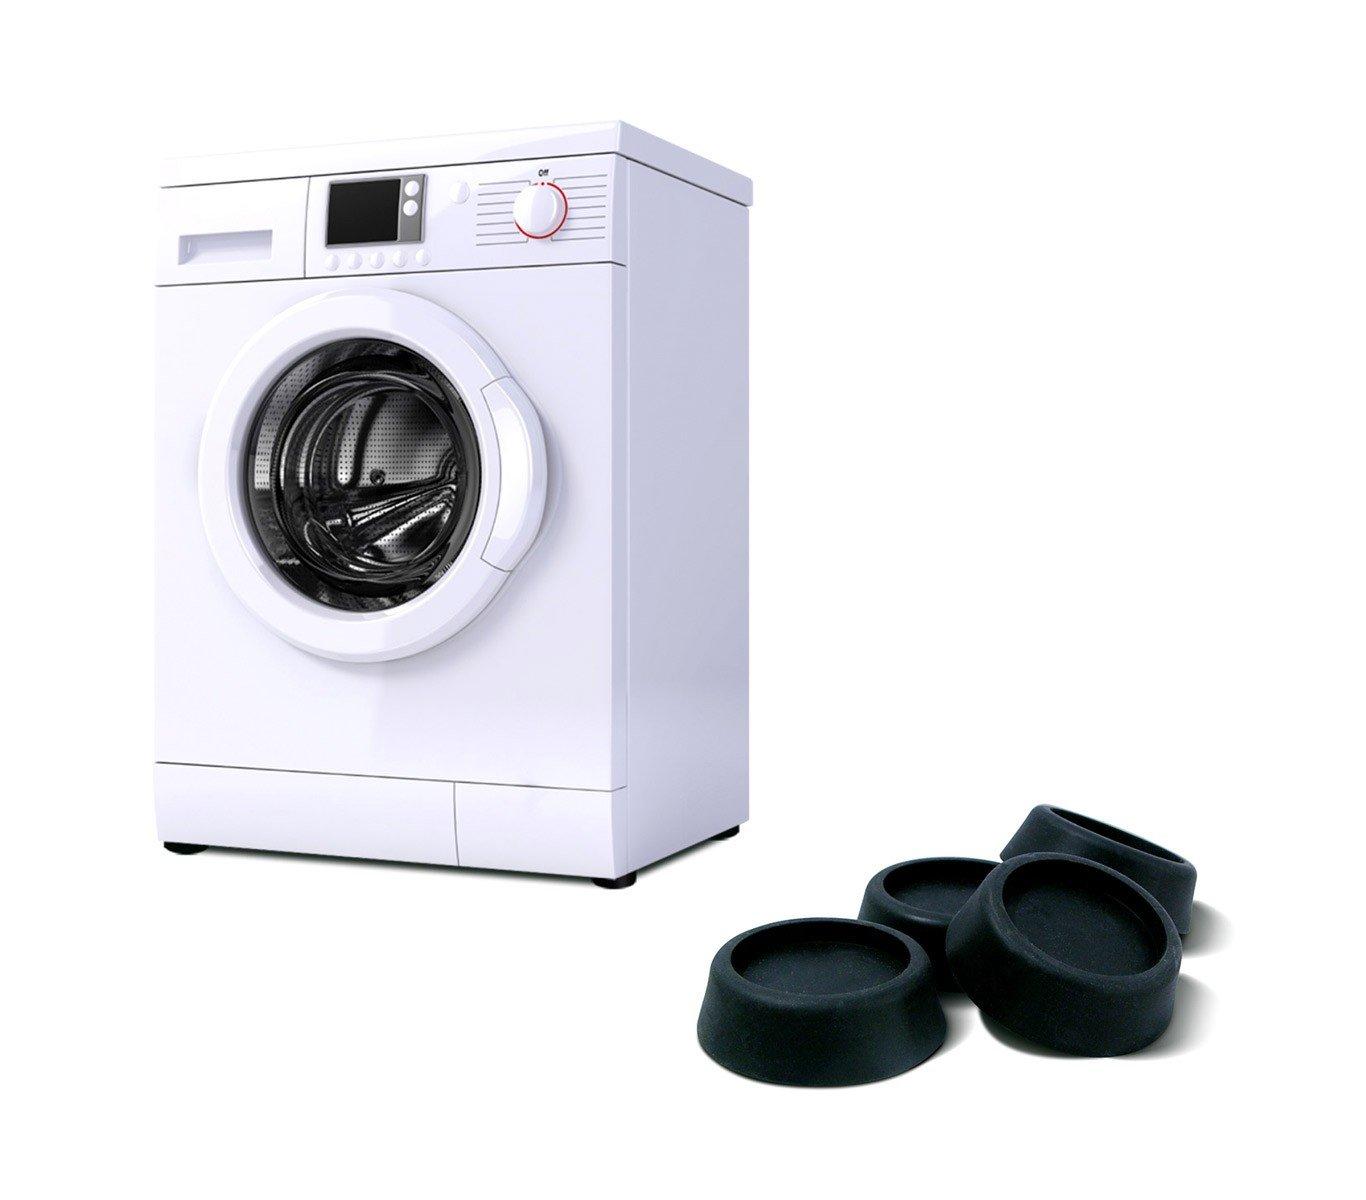 Set di 4 gommini ammortizzanti 370650 per lavatrice ed asciugatrice ø 5, 5 cm. MEDIA WAVE store ®